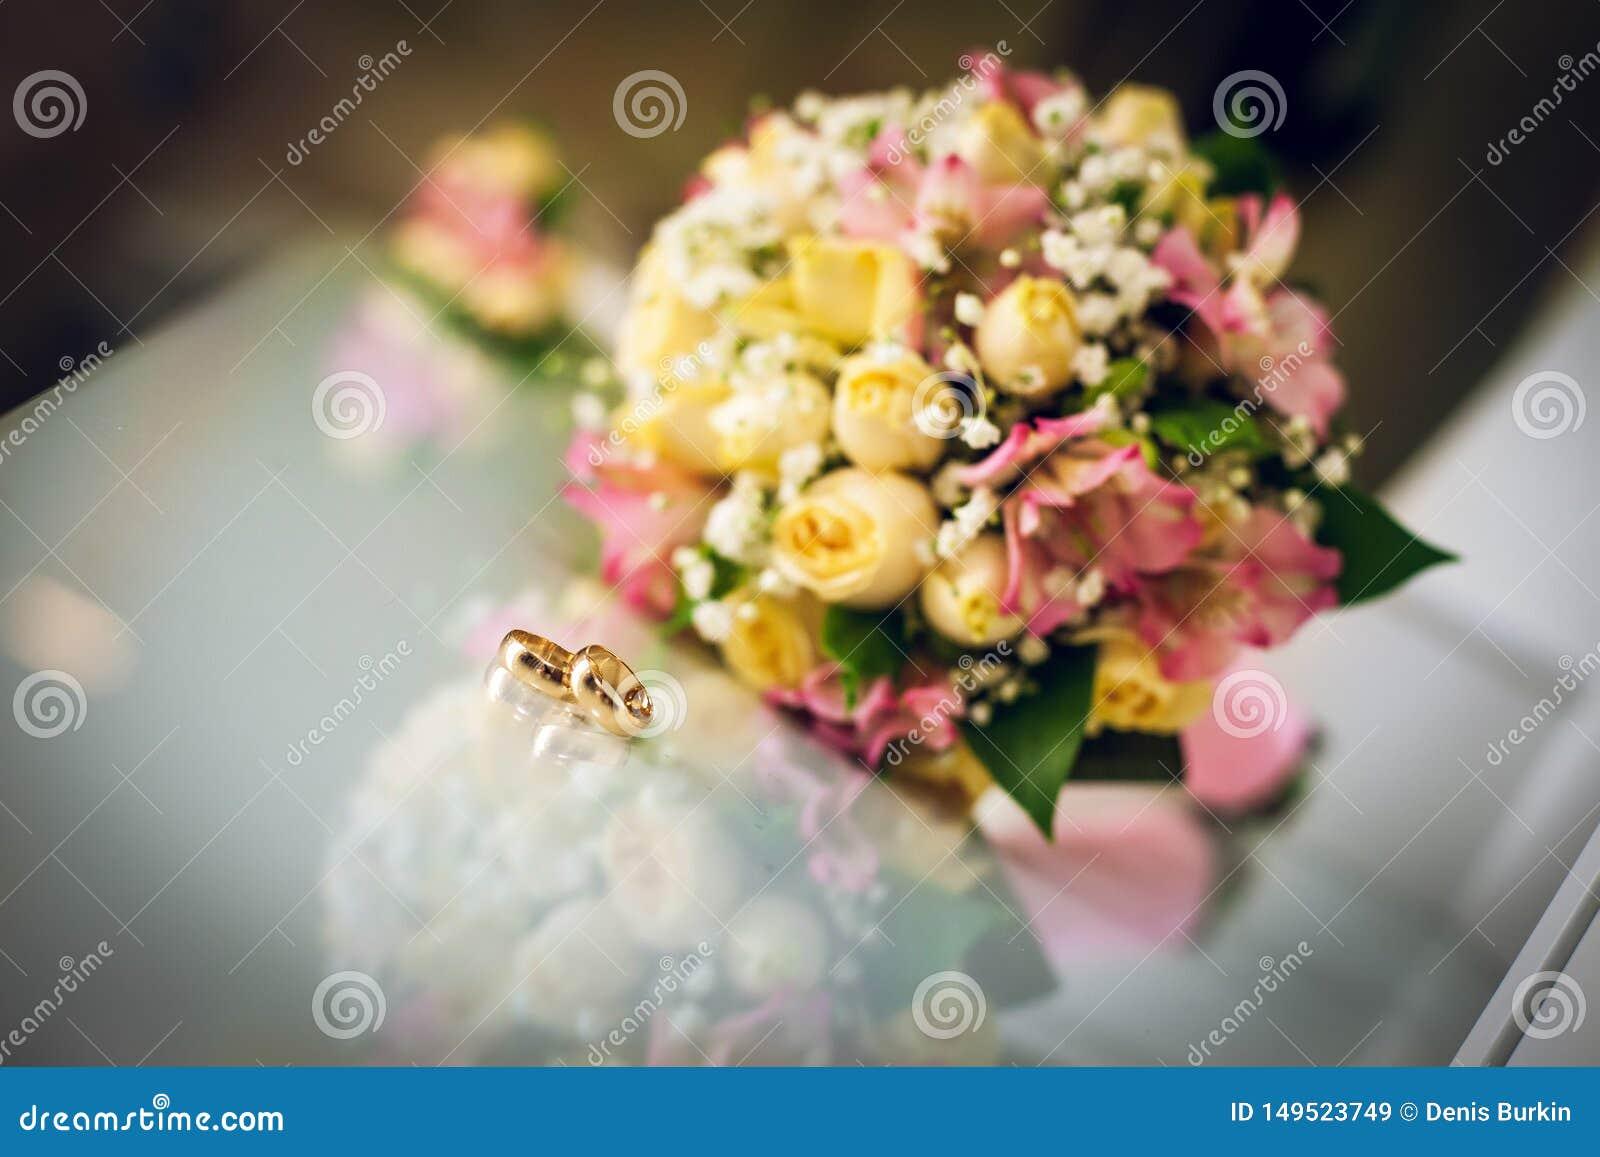 Γαμήλια ανθοδέσμη και γαμήλια δαχτυλίδια οι ιδιότητες του νεόνυμφου πρόσφατα παντρεμένο ζευγάρι οι προετοιμασίες του νεόνυμφου